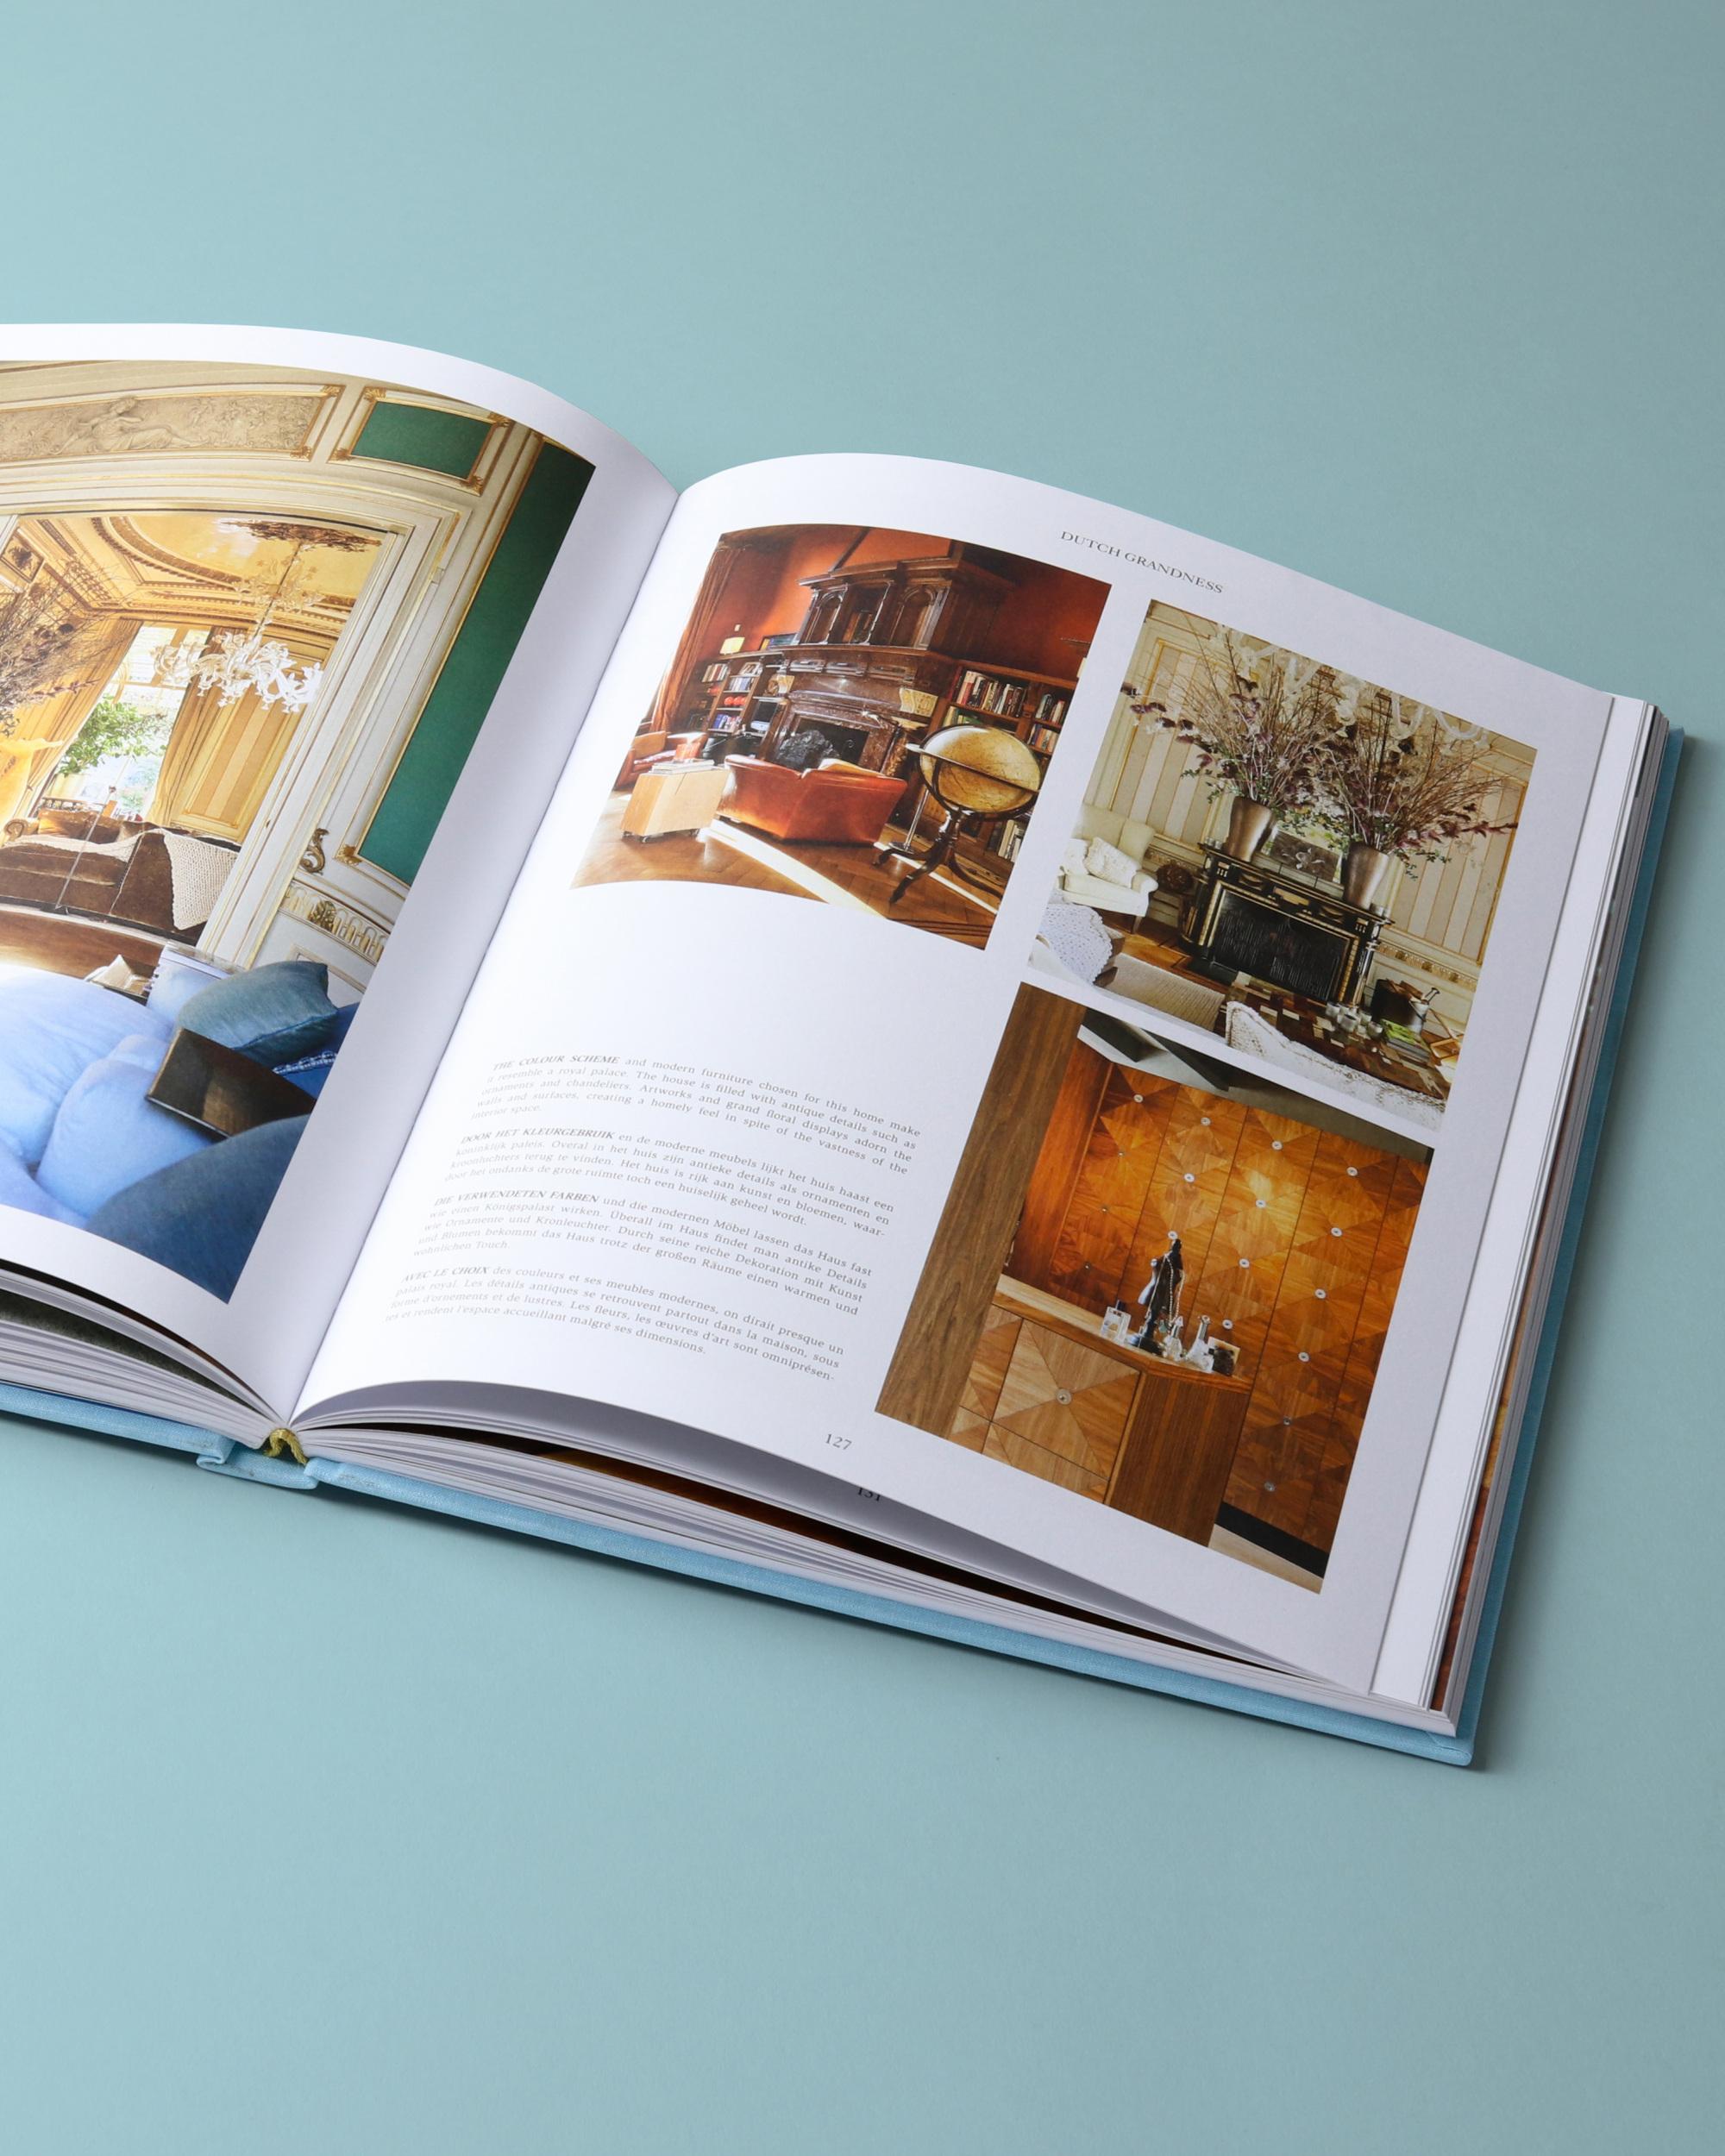 mendo-book-living-in-style-adam-08-2000x2500-c-default.jpg